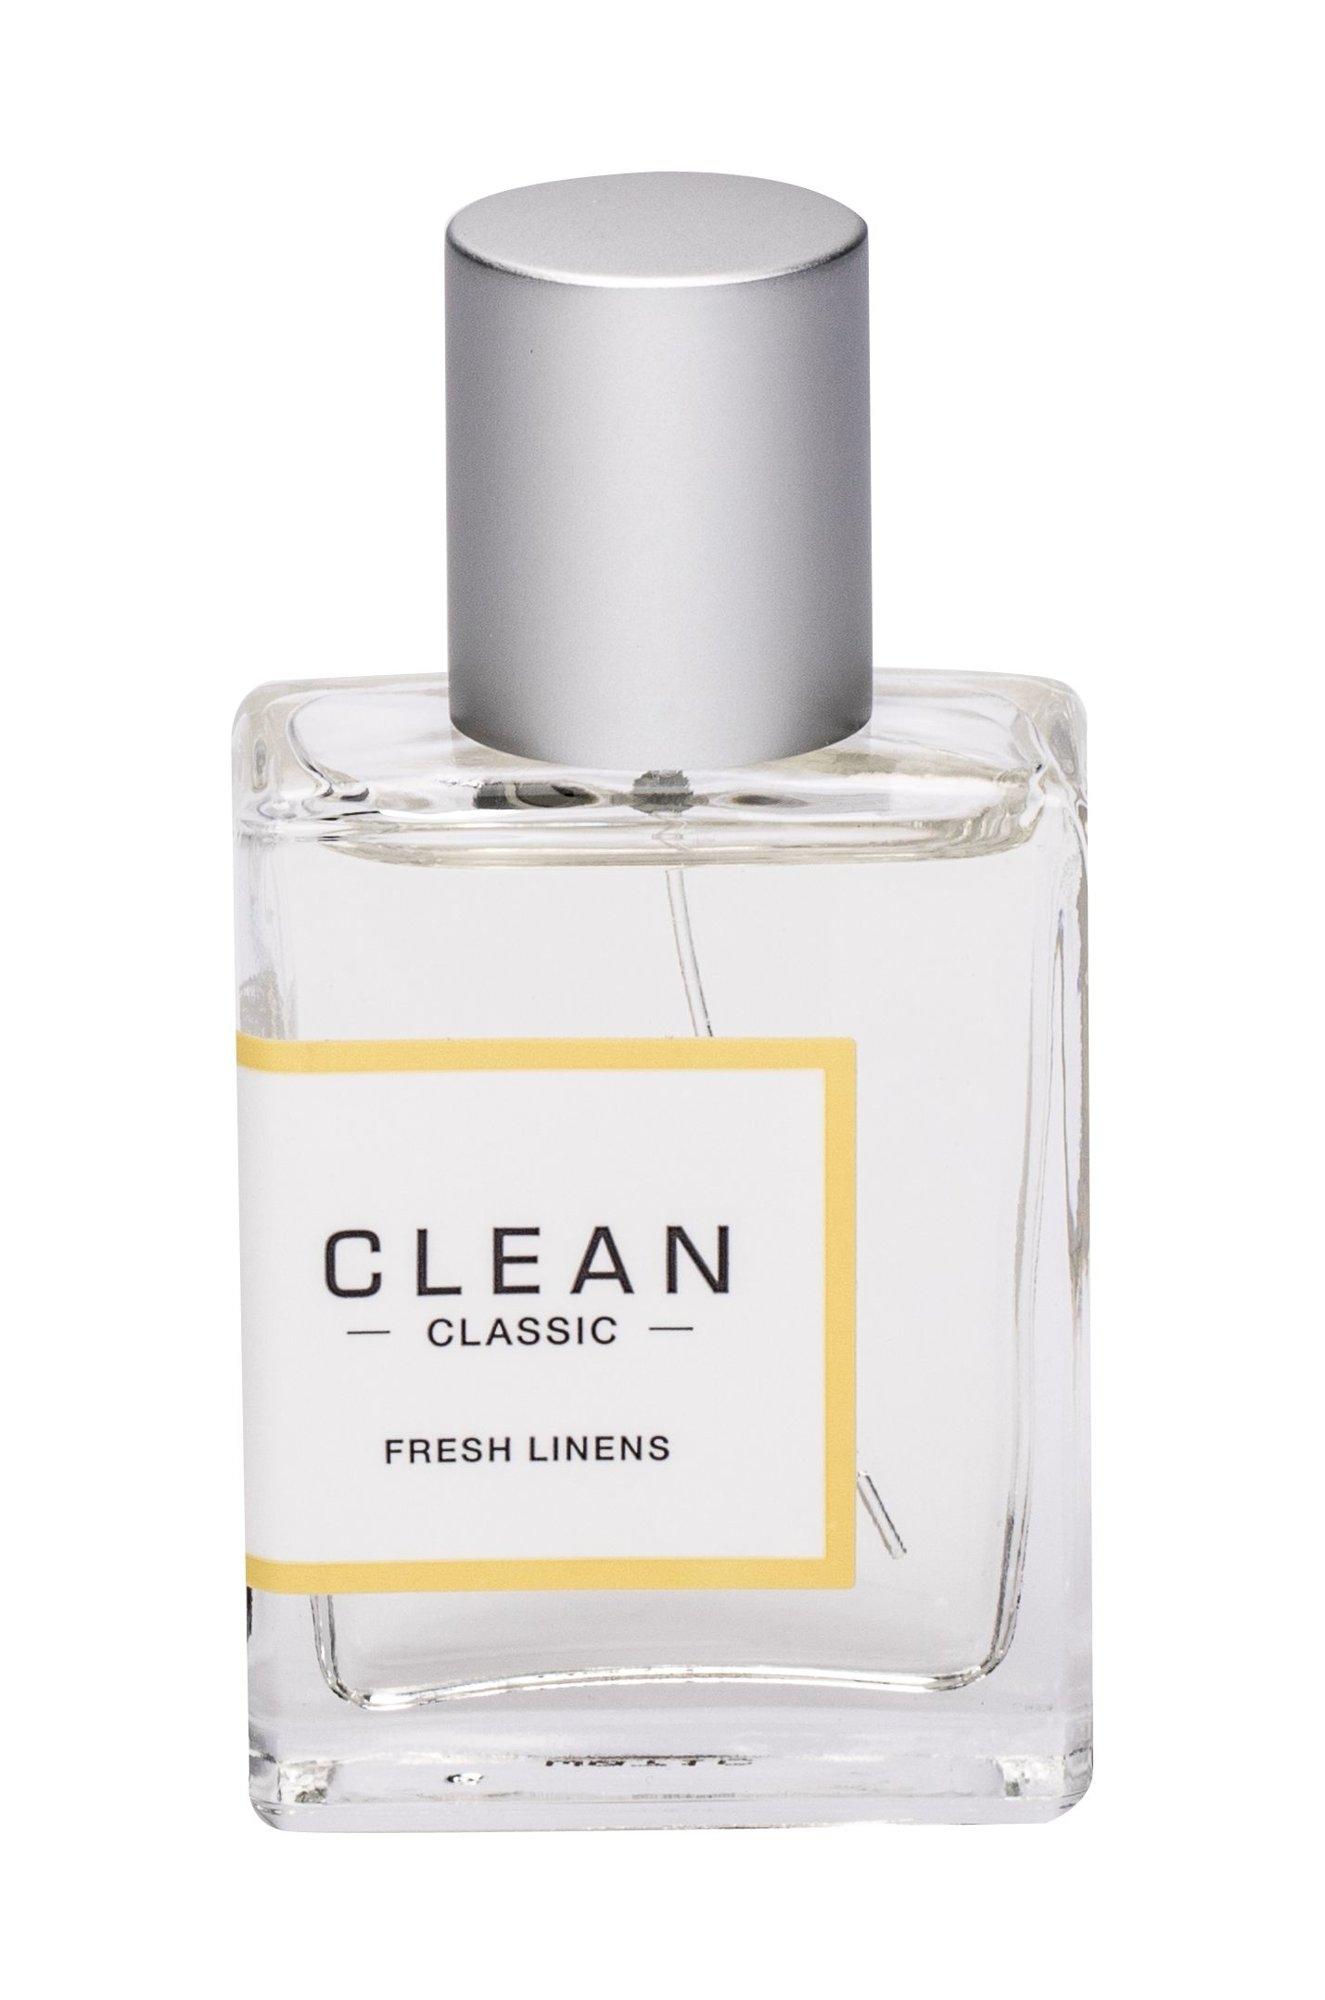 Clean Fresh Linens Eau de Parfum 30ml